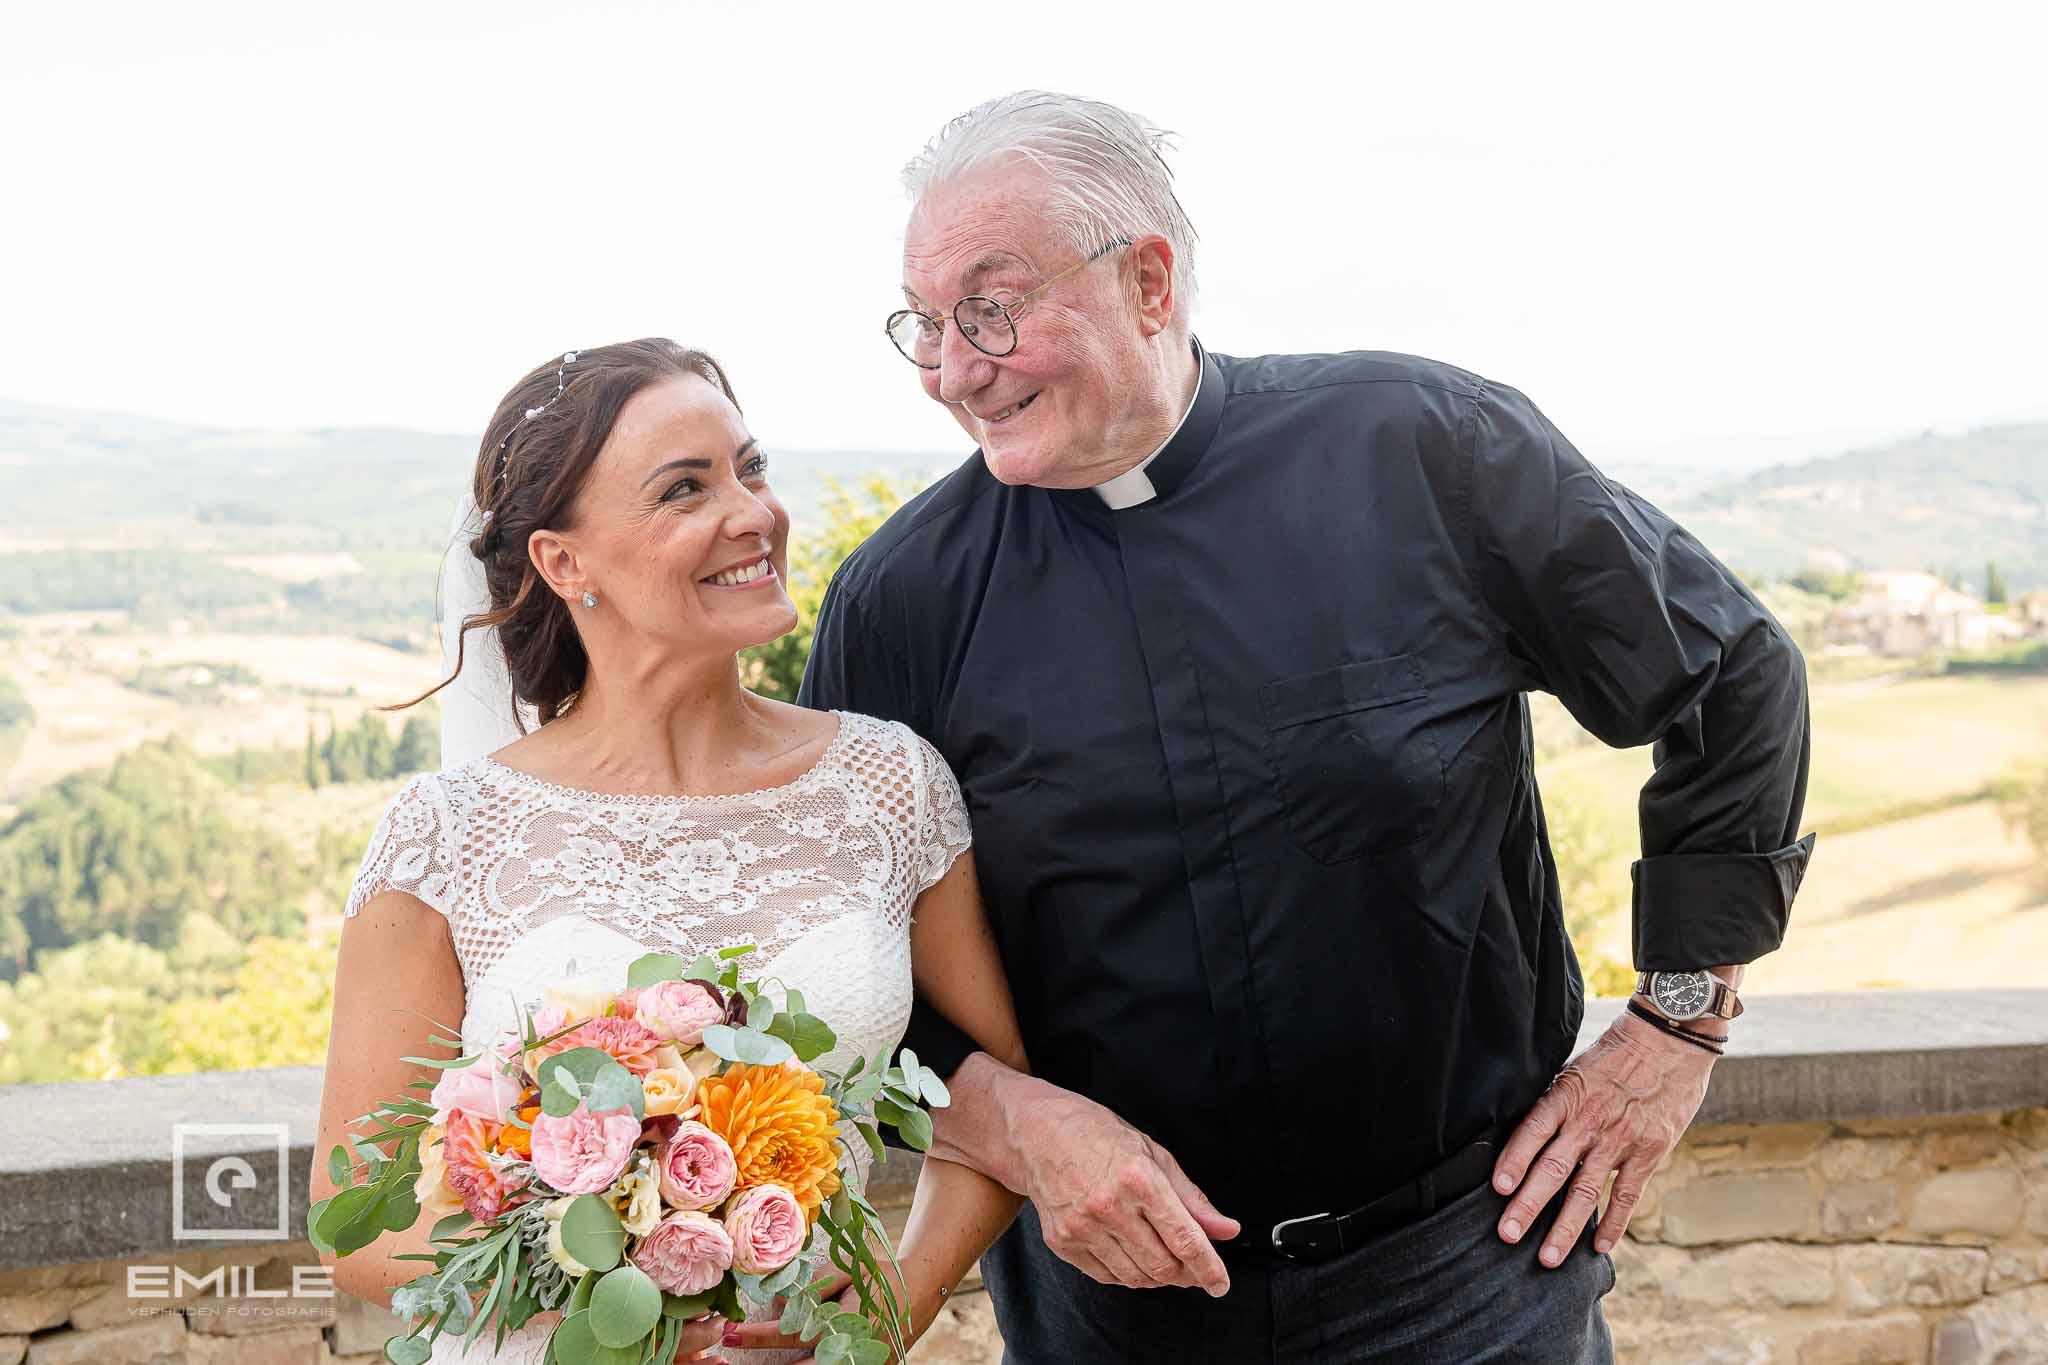 Samen met de pastoor op de foto - Destination wedding San Gimignano - Toscane Italie - Iris en Job